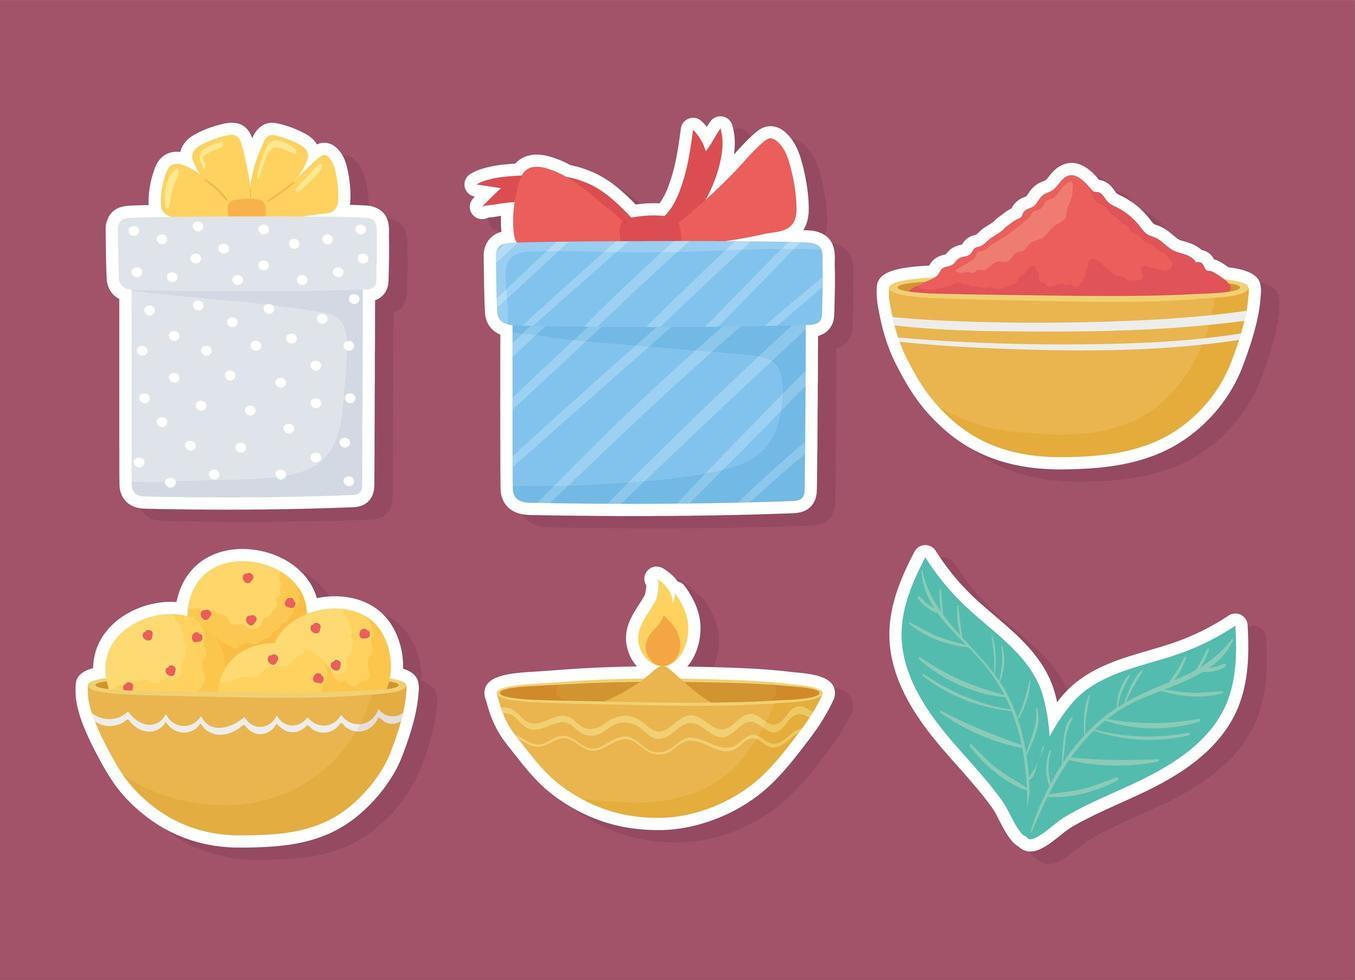 conjunto de ícone de comida e presentes vetor